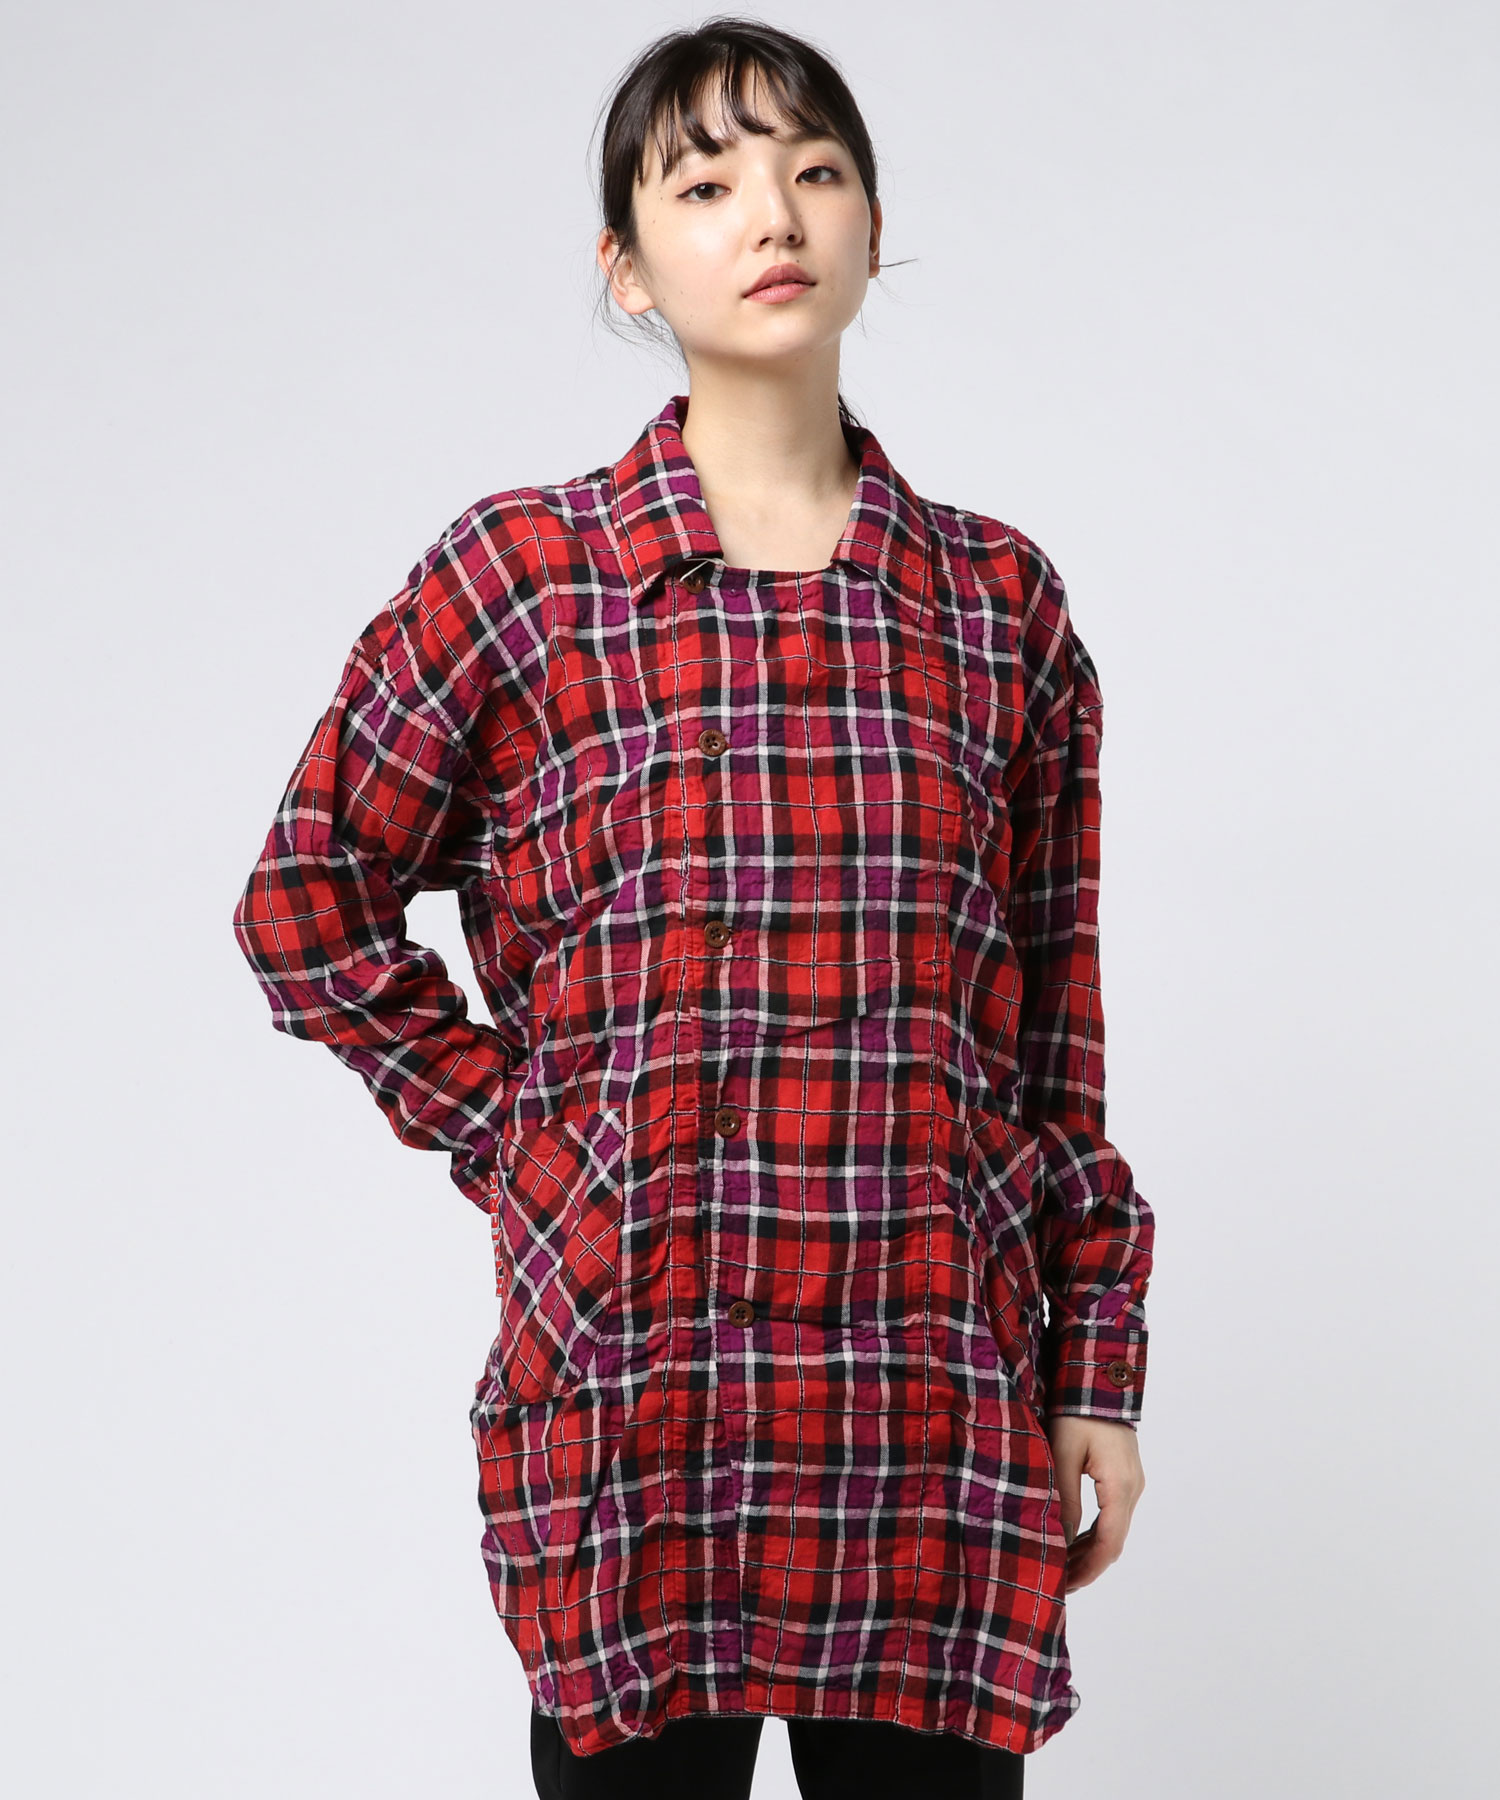 長袖オーバーシャツ